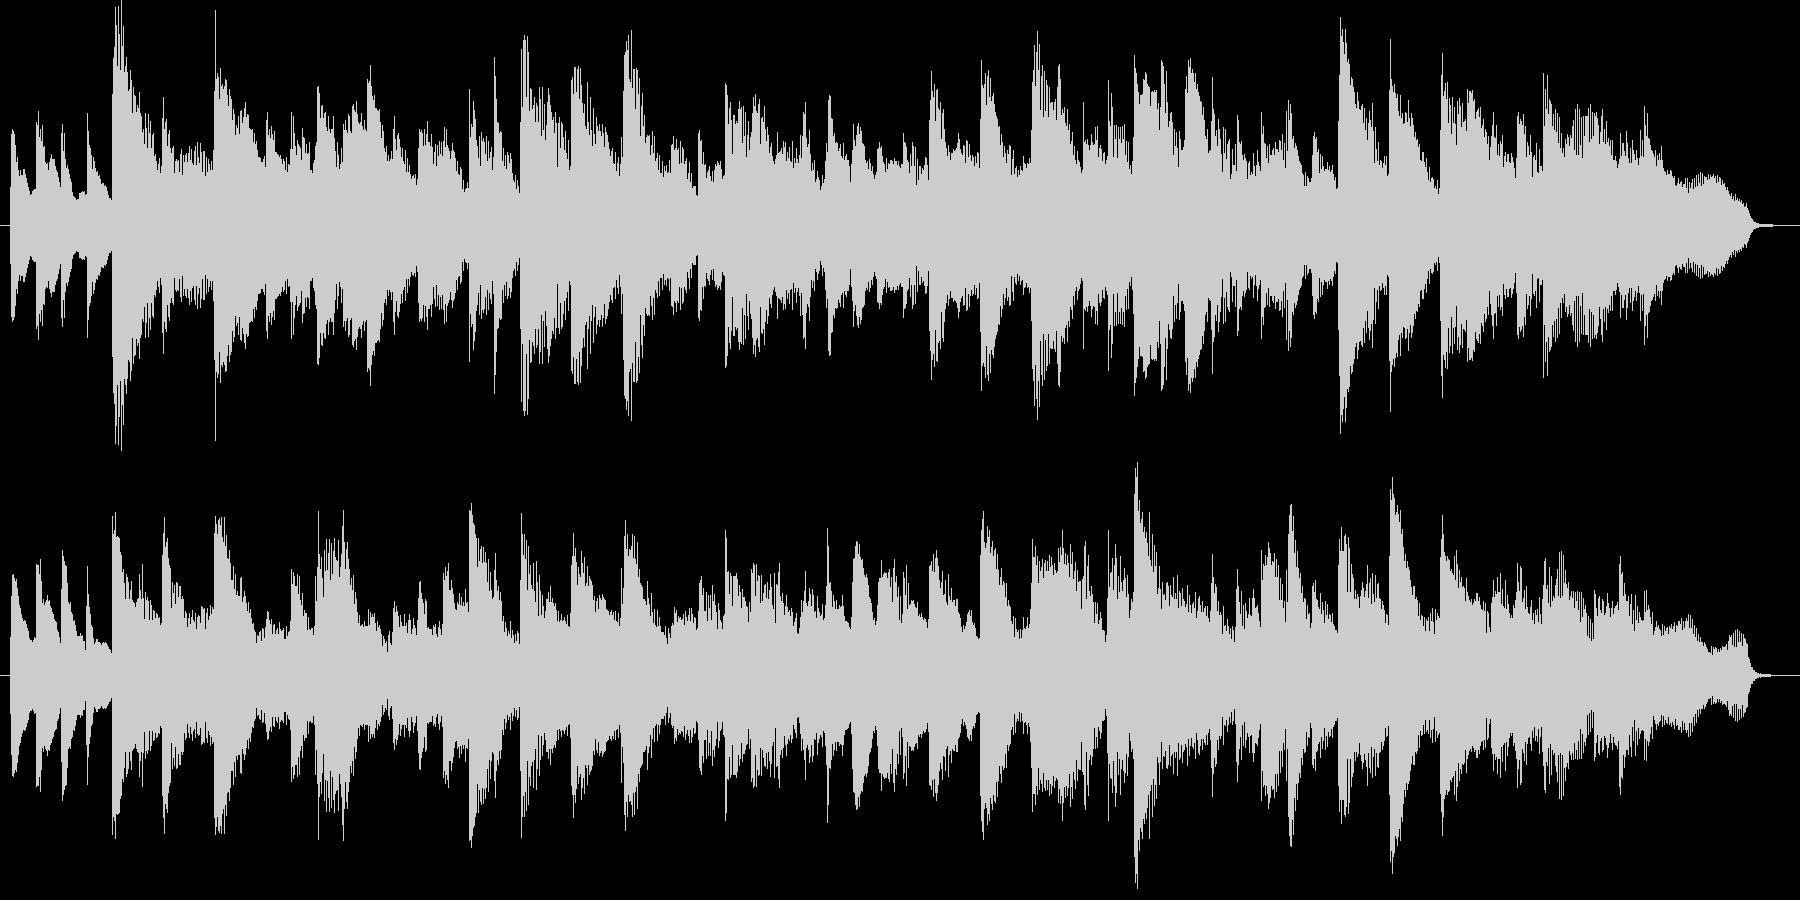 ピアノとギターによる懐かしいバラードの未再生の波形